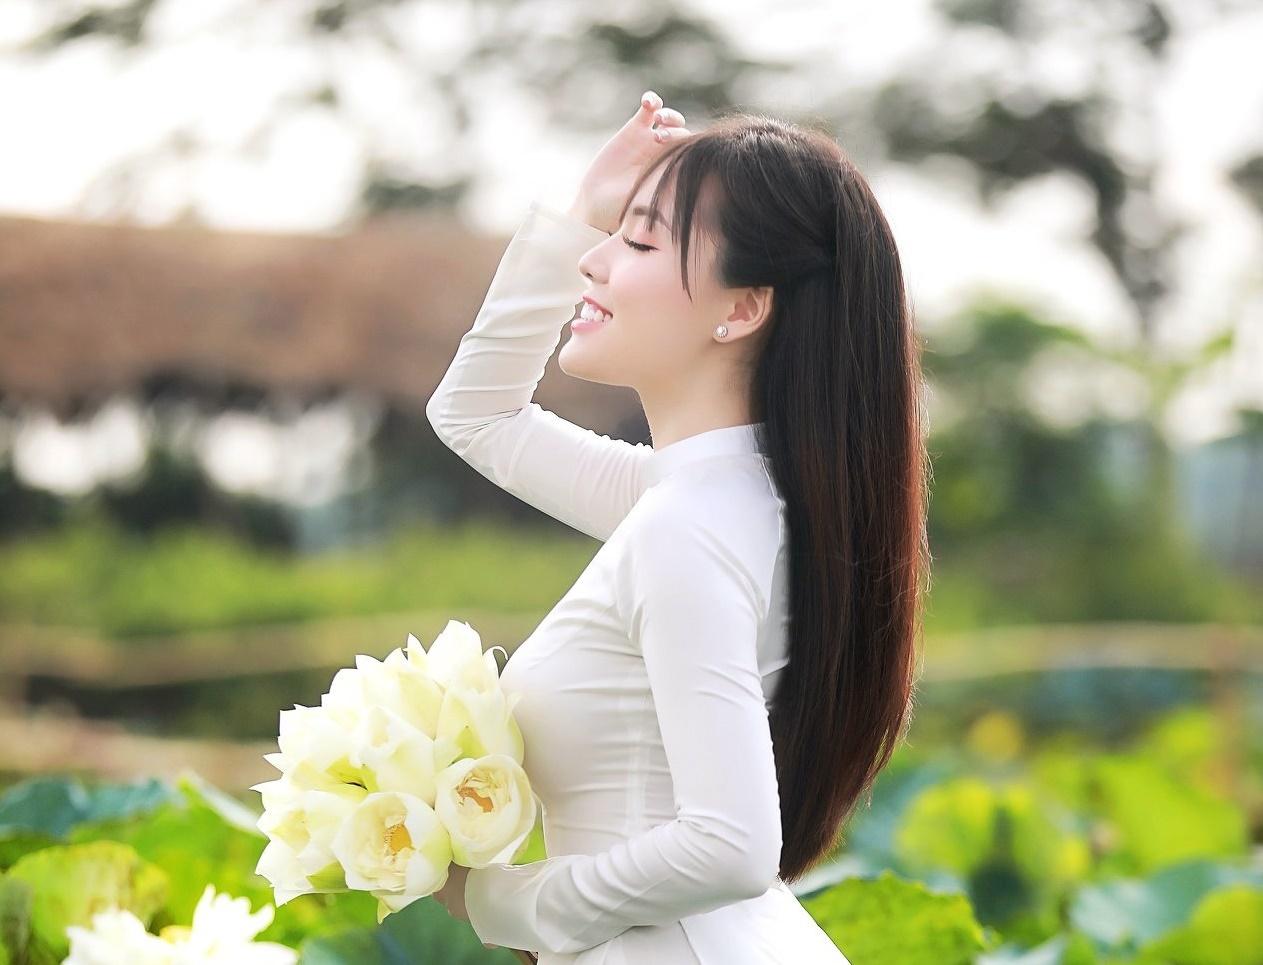 Ngắm thiếu nữ Hà Tĩnh đẹp mơ màng bên sắc sen hồng